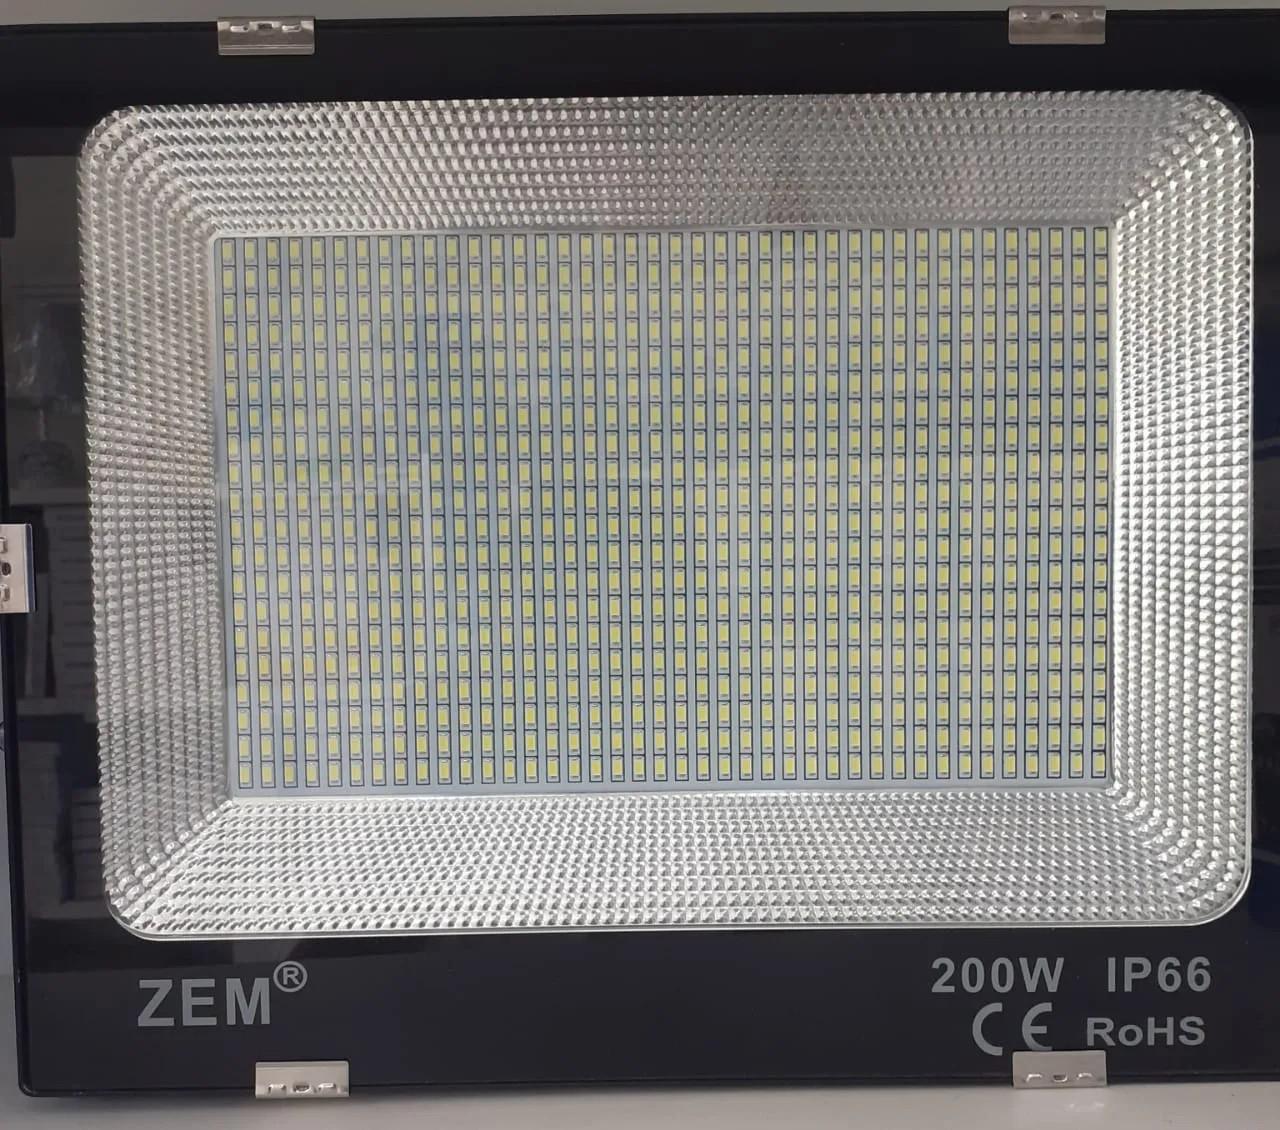 kit 30 Refletores de Led holofote 200w Cob 6500k SMD Branco frio